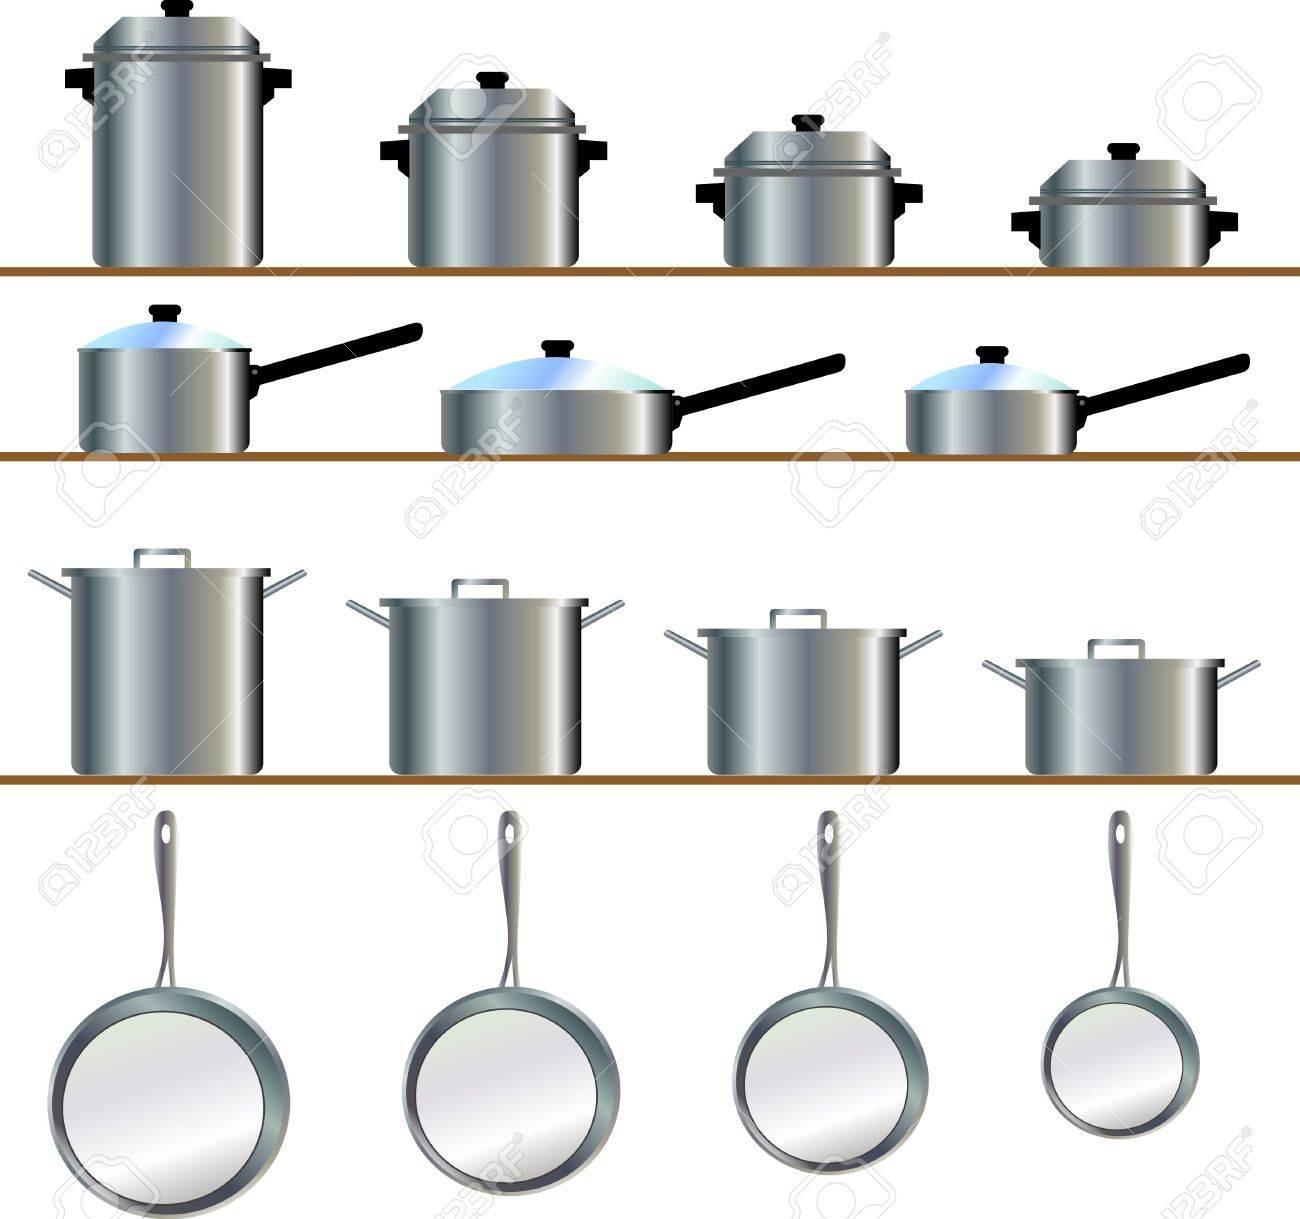 Taille D Une Cuisine une variété de taille pour les batteries de cuisine, casserole, poêle,  ragoût, poêle, casseroles